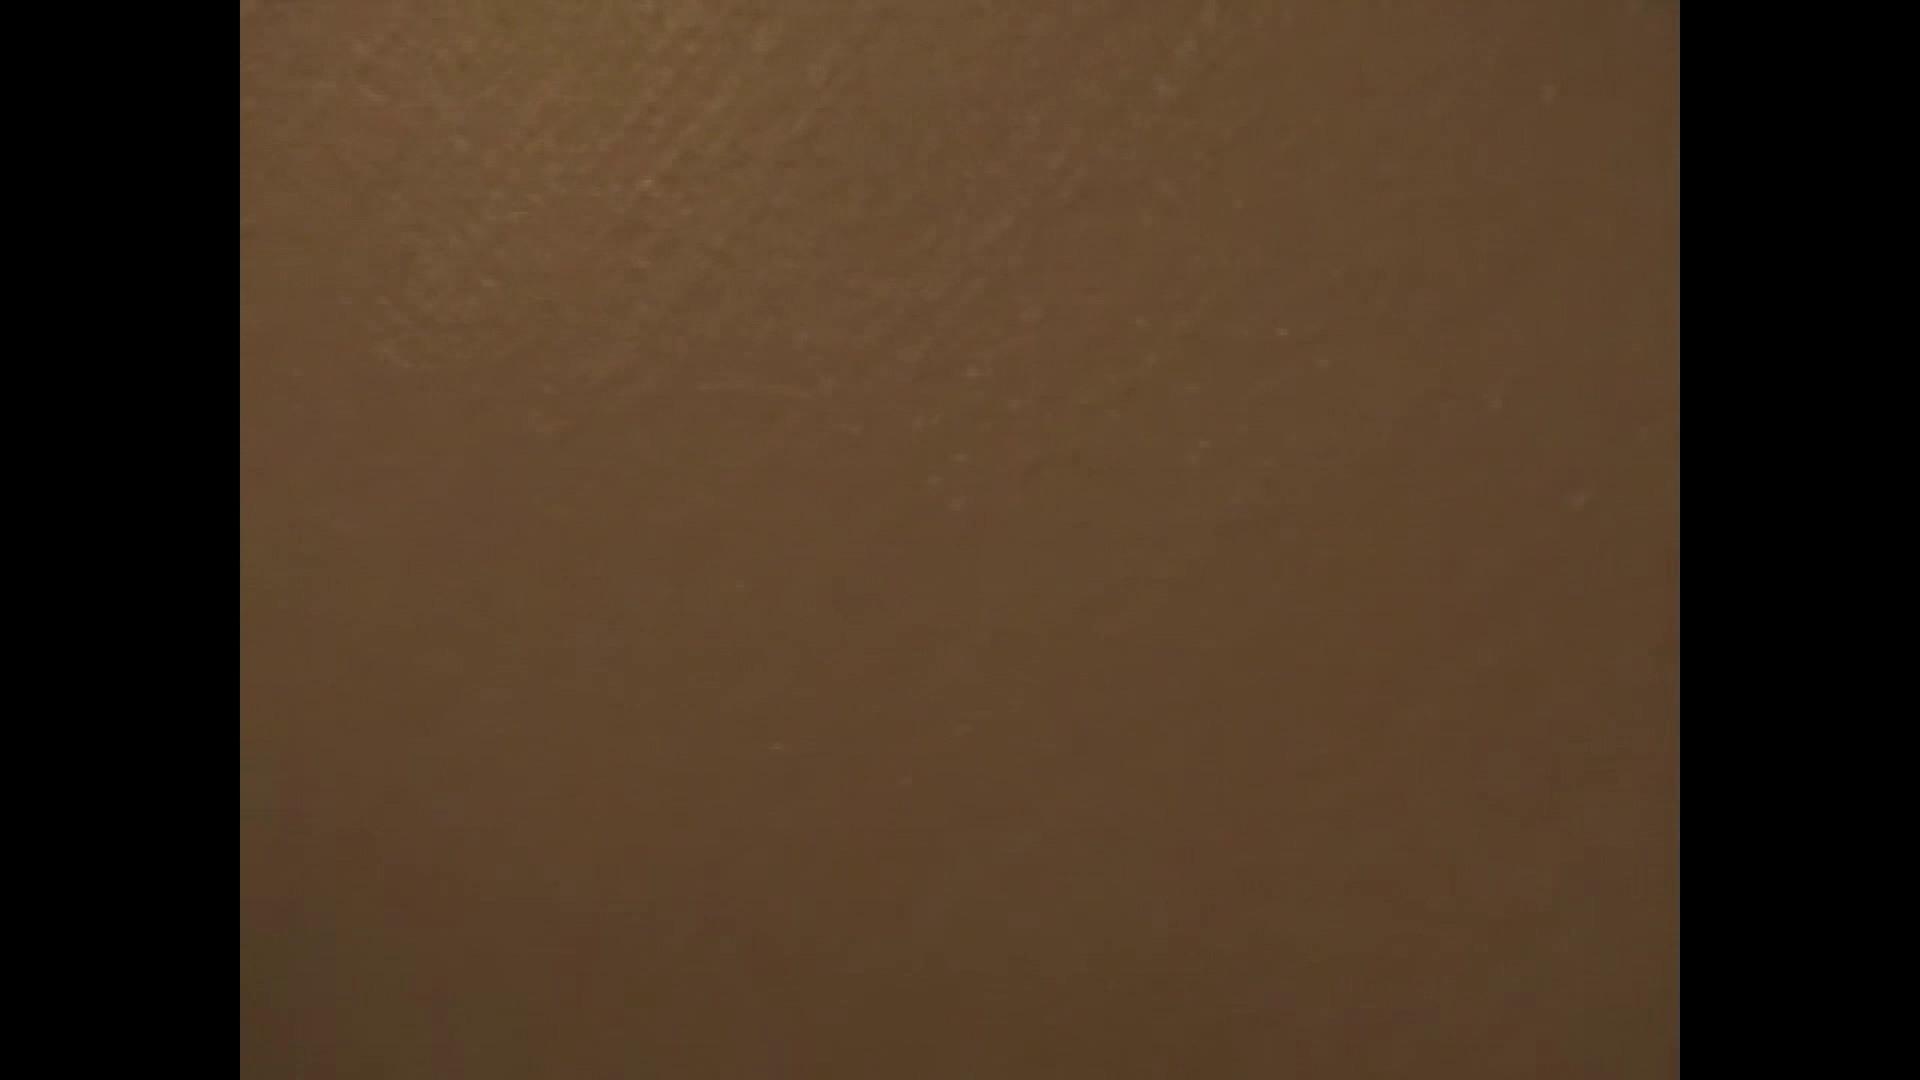 ノンケイケメンの欲望と肉棒 Vol.20 ノンケボーイズ | イケメンのsex  108pic 75